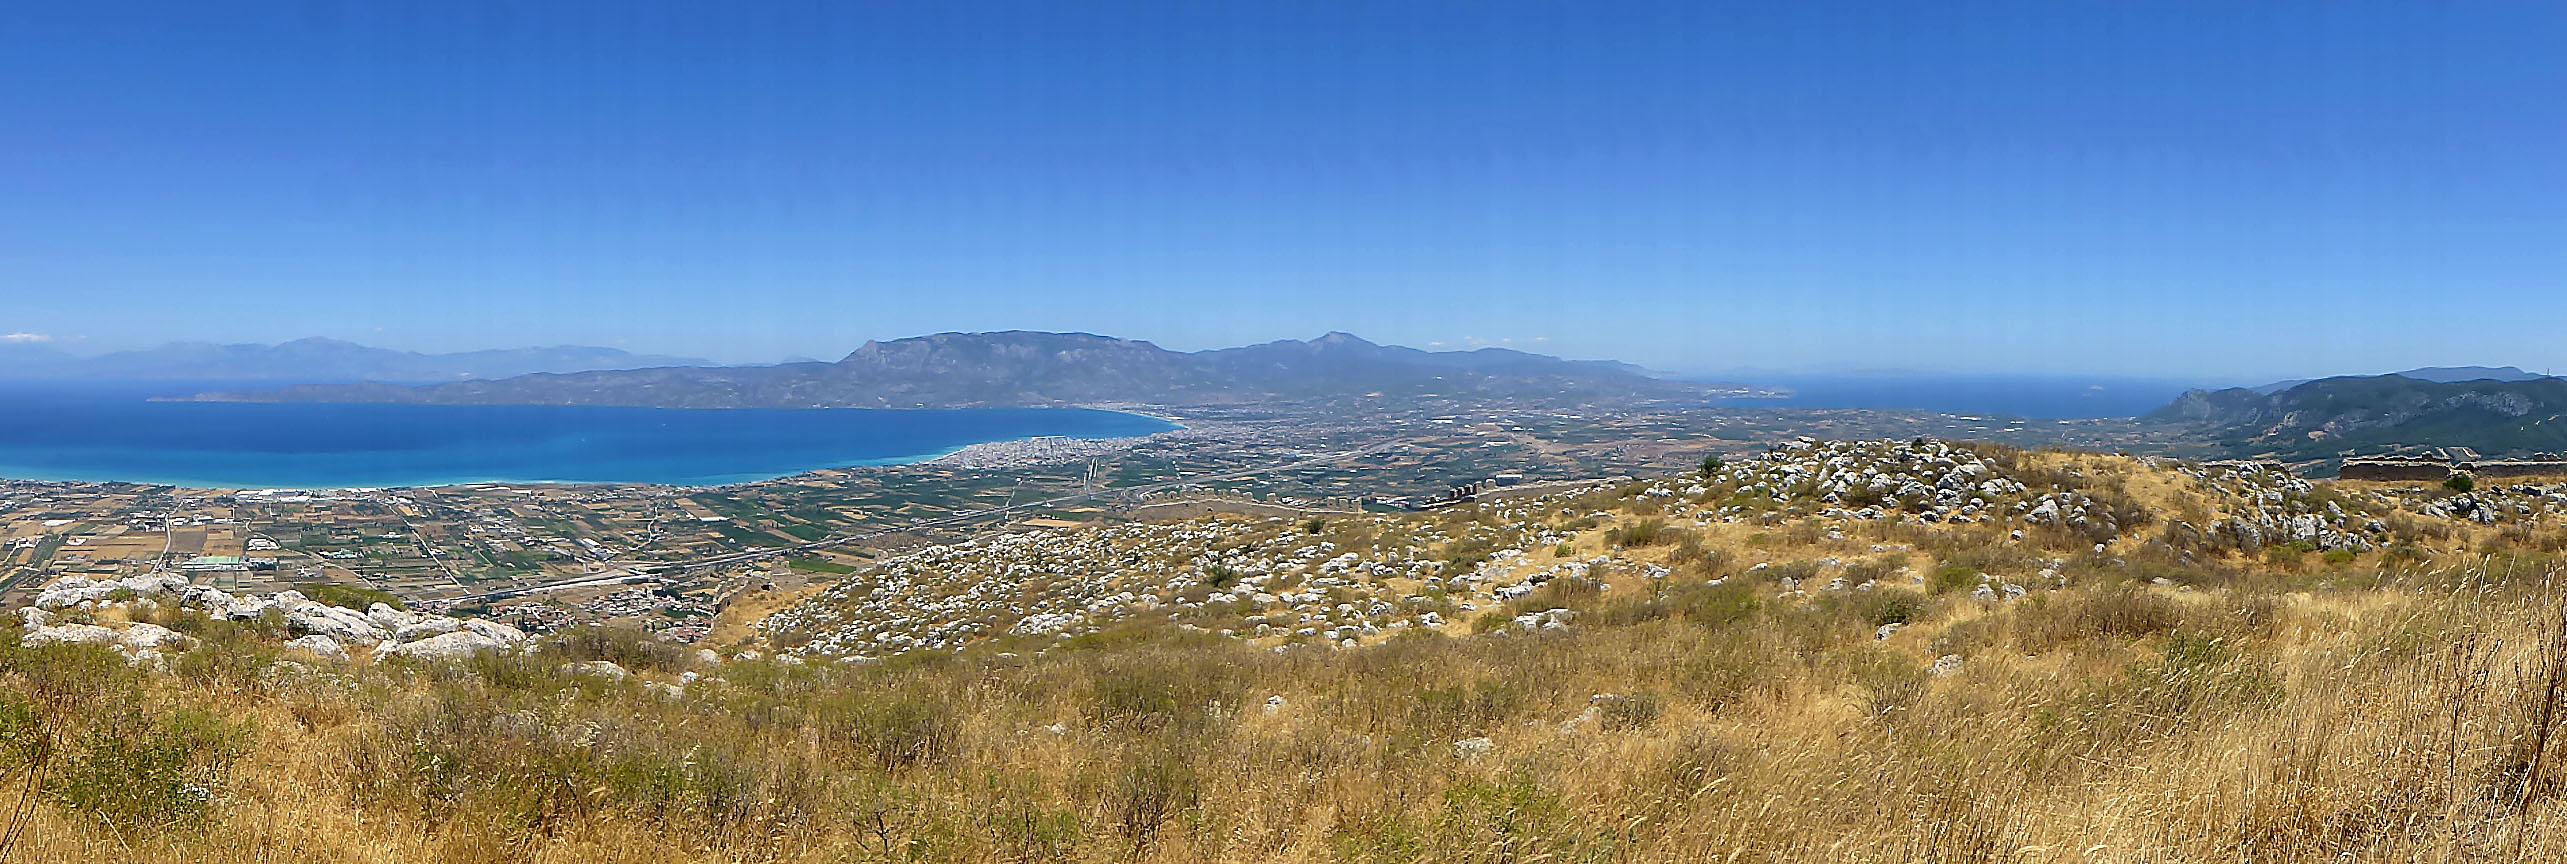 Online-Reiseführer: Peloponnes - Das antike Korinth akrokorinth aphroditetempel panorama golf von korinth aegaeis korinth peloponnes griechenland Die Aussicht vom höchsten Punkt auf dem Tafelberg Akrokorinth ist fantastisch: Links das ionische Meer, rechts die Ägäis.